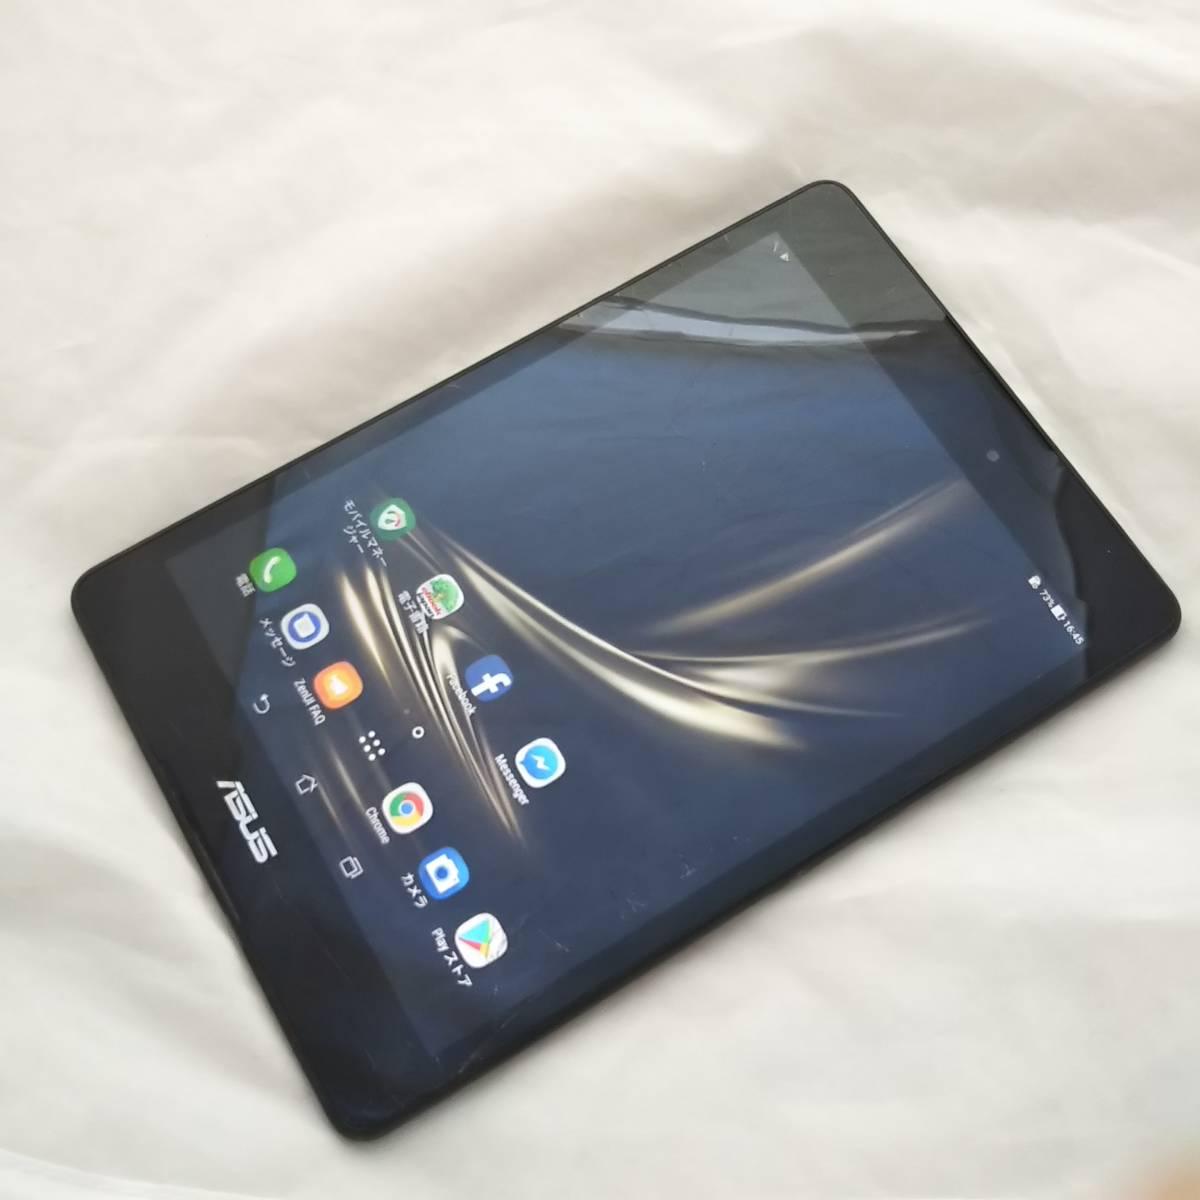 ジャンク ASUS ZenPad 3 8.0 Z581KL P008 SIMフリーモデル タブレット Android 7.0_画像1